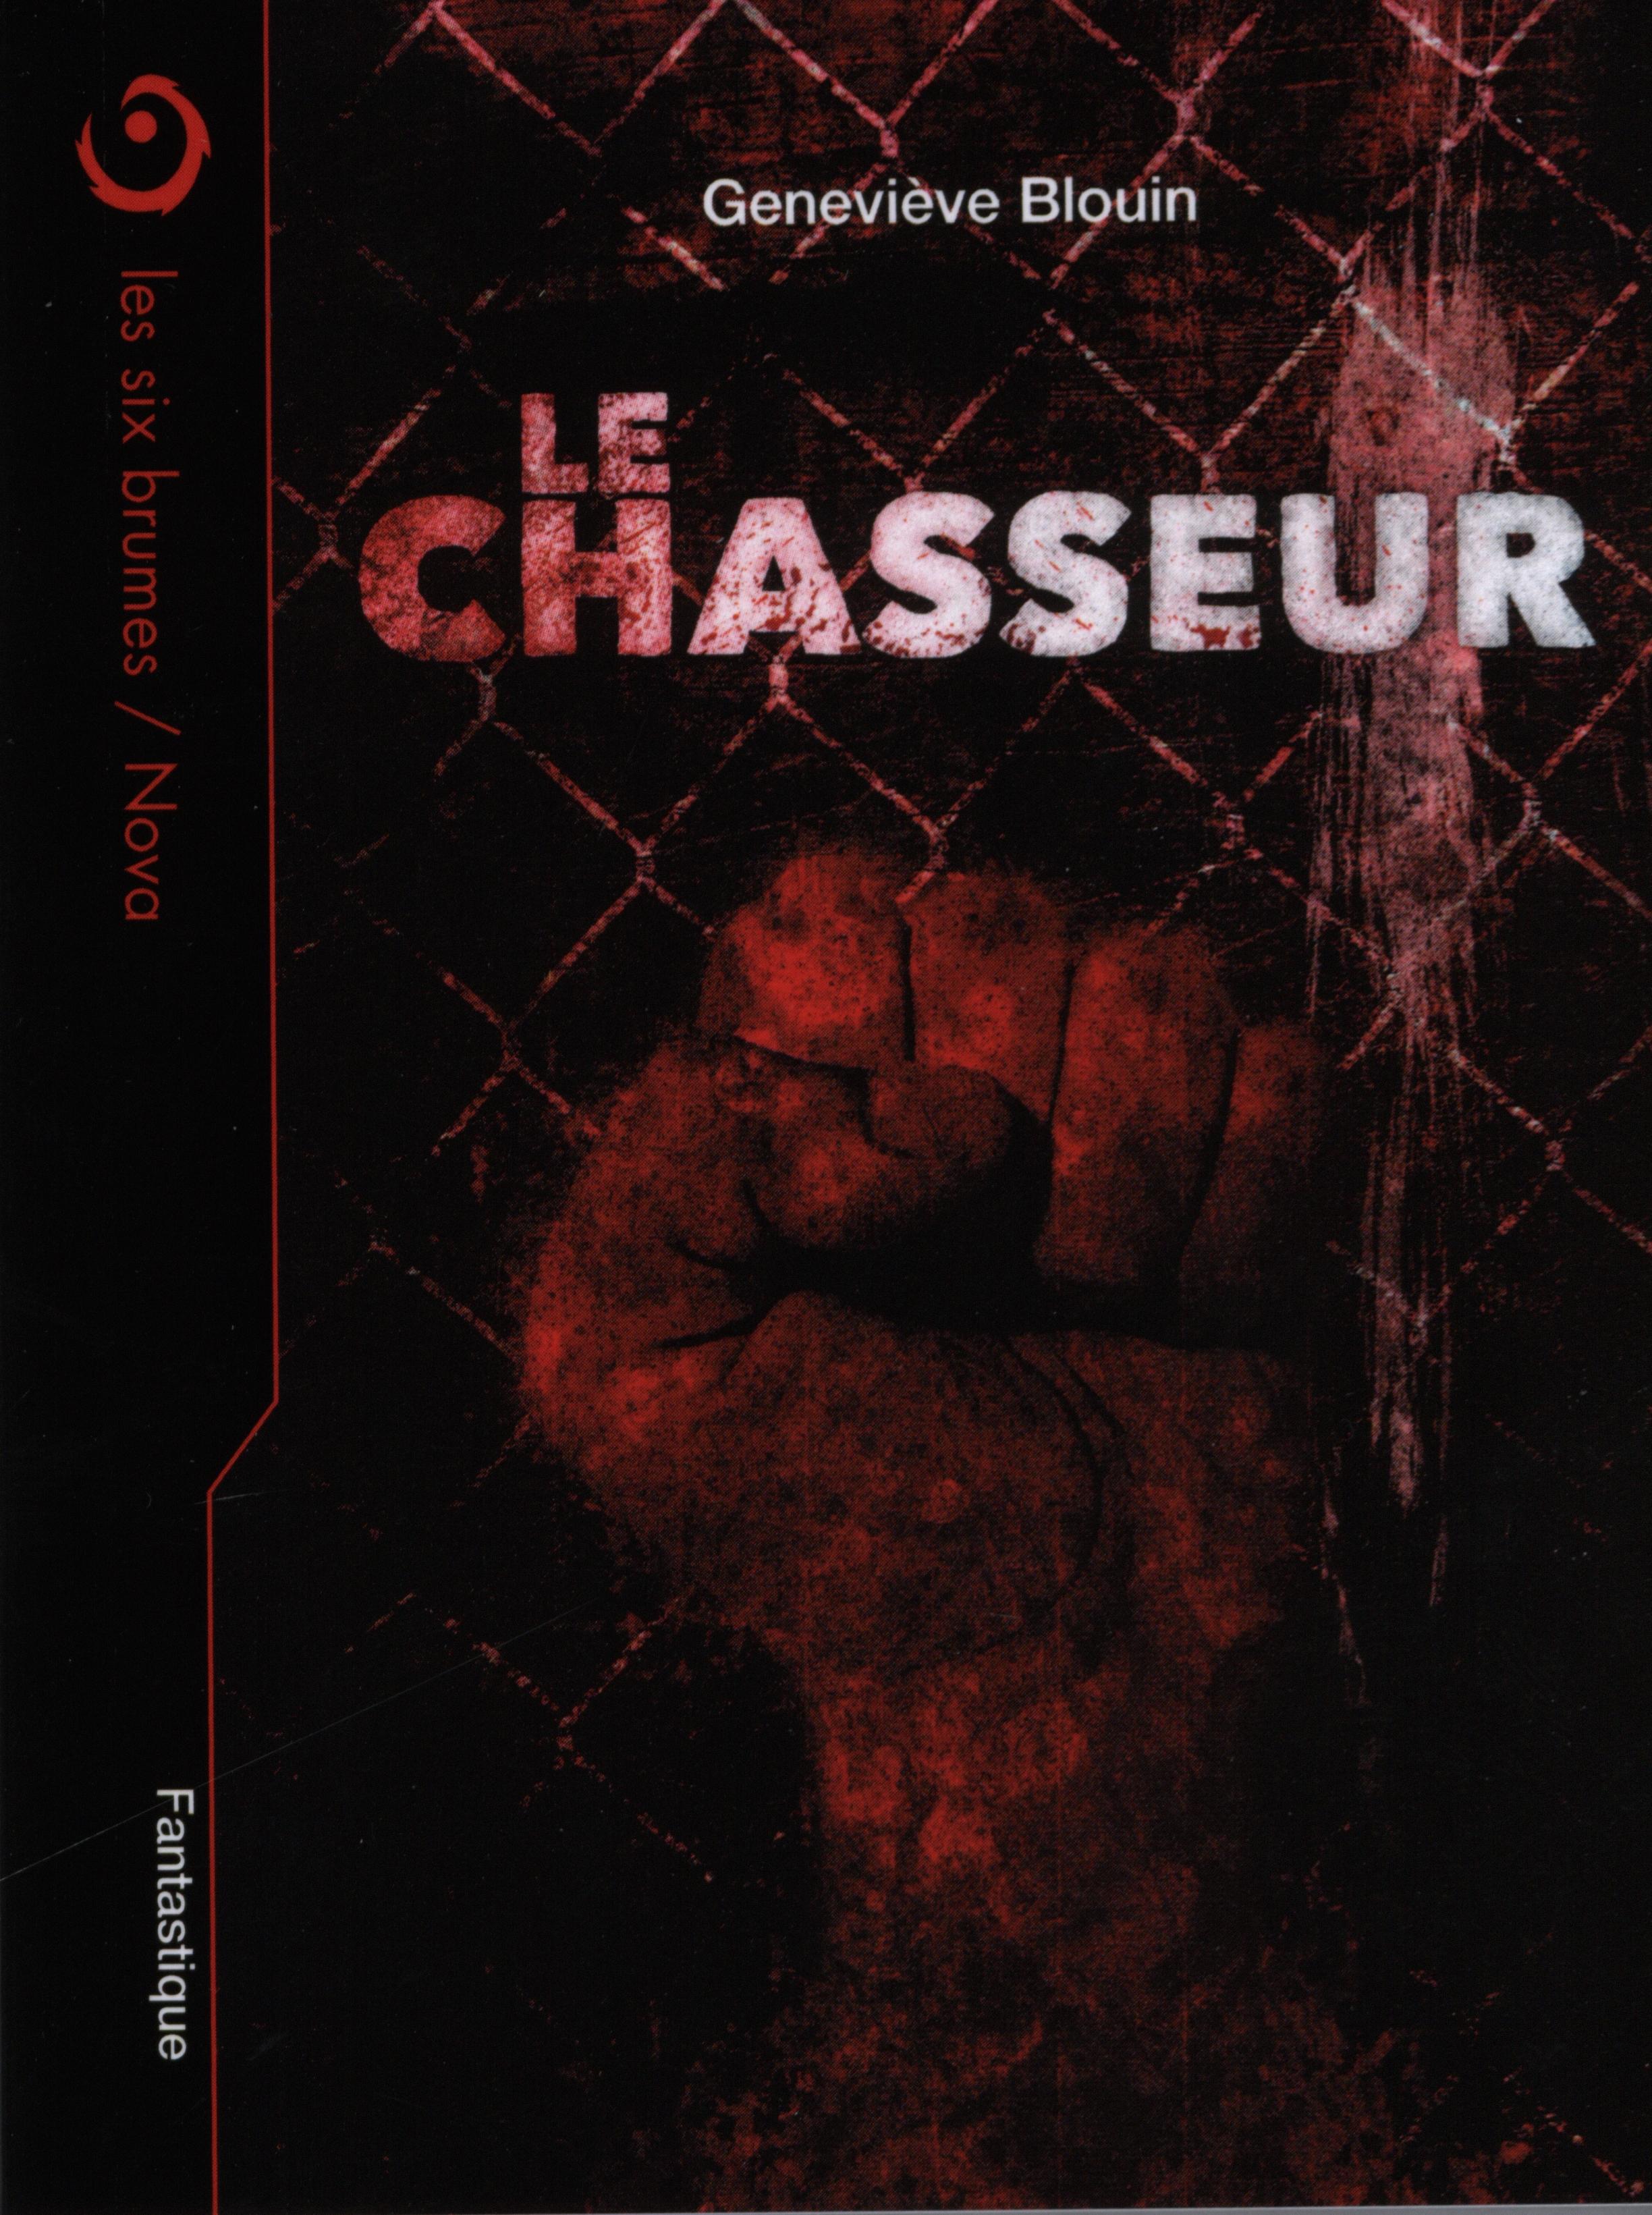 Chasseur Le